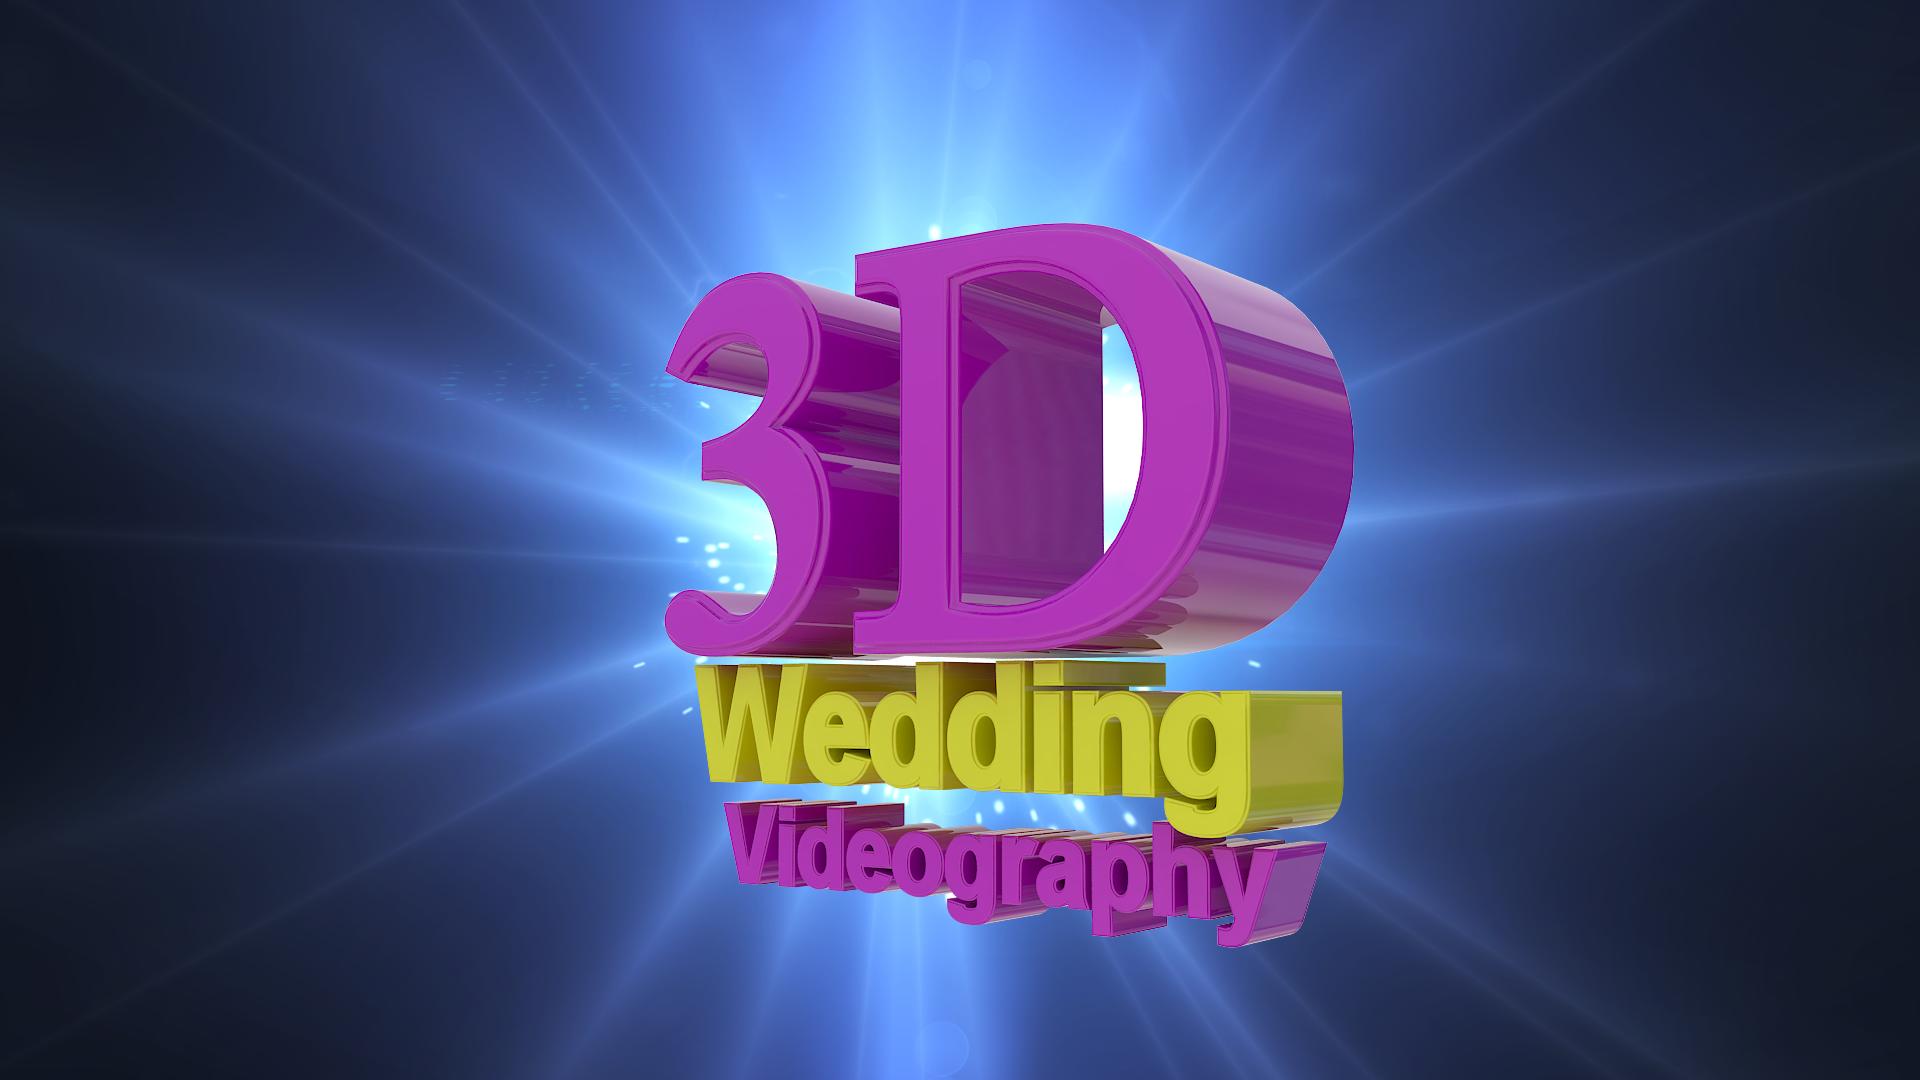 3D text logo.